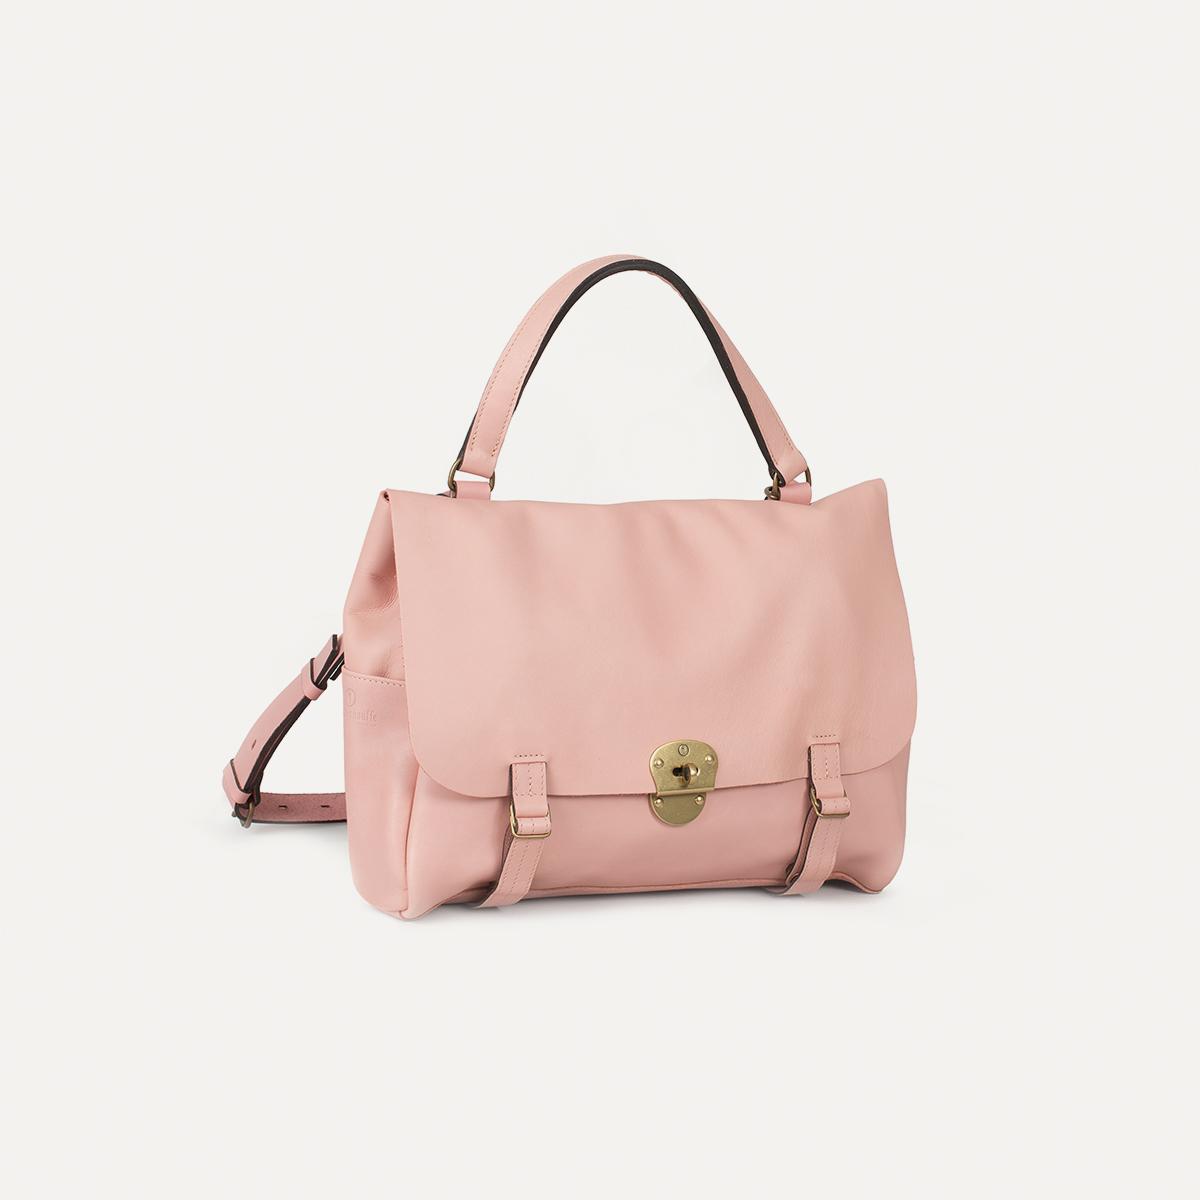 acheter en ligne c69b4 3d840 Sac Coline M - Rose Poudré